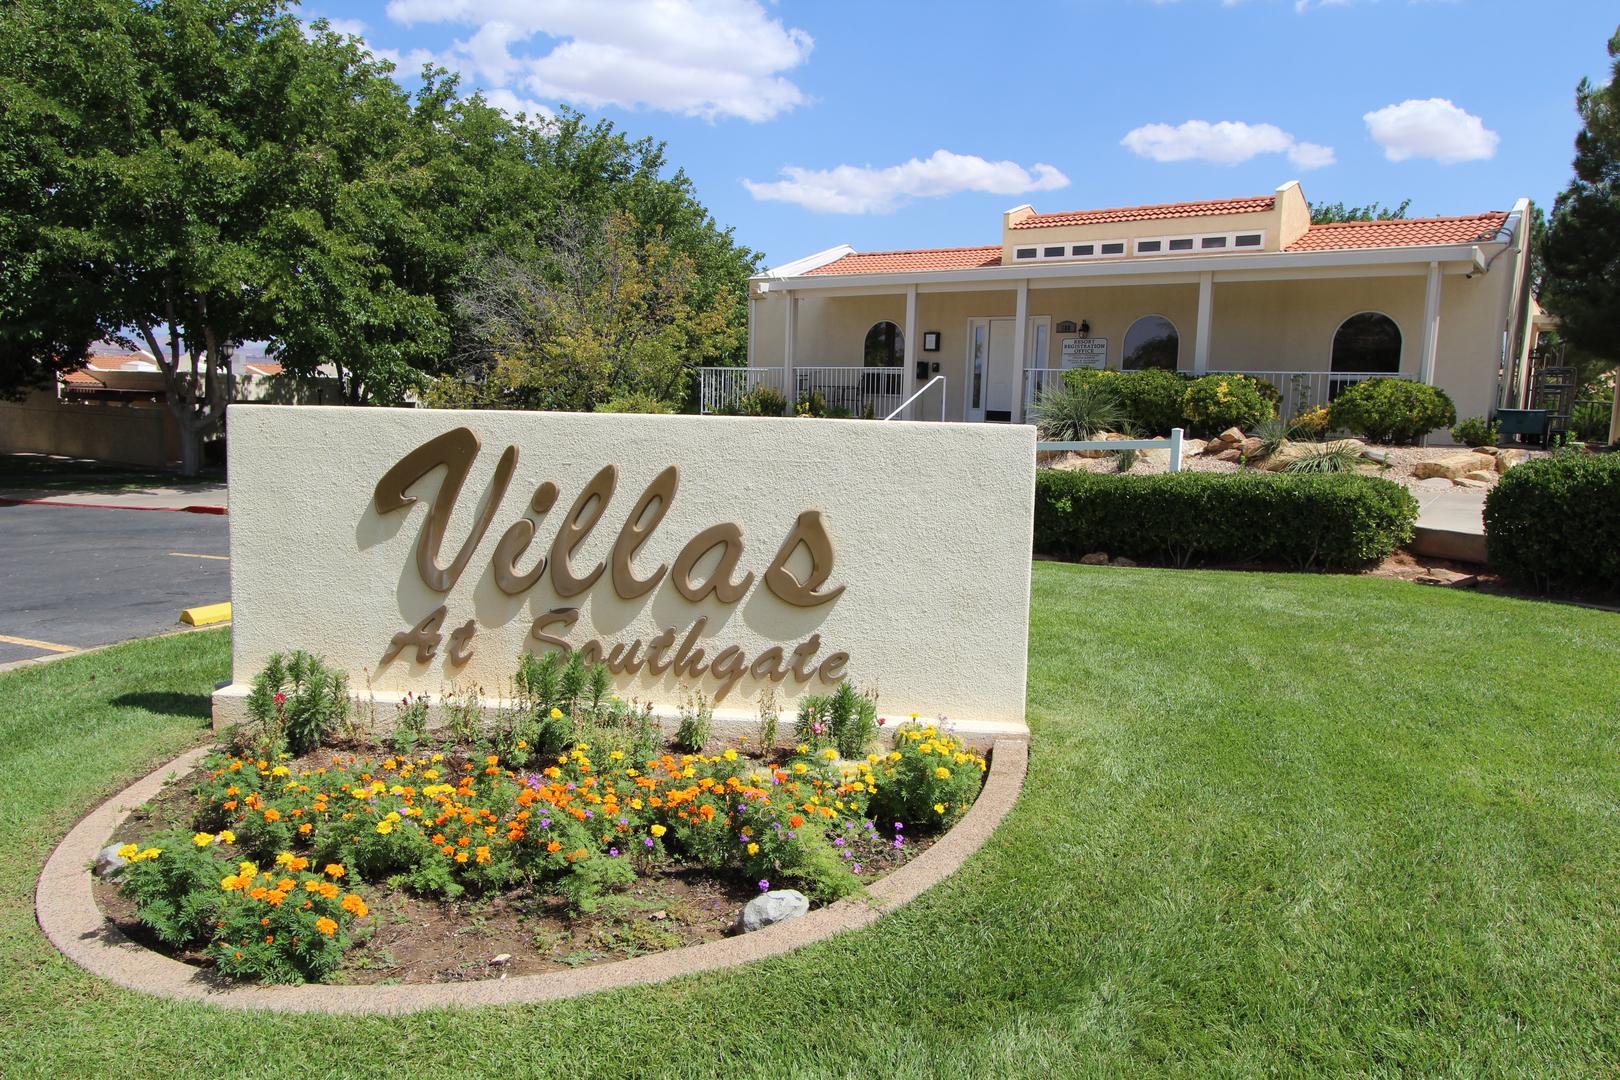 Villas at Southgate  (ORE at St. George) image